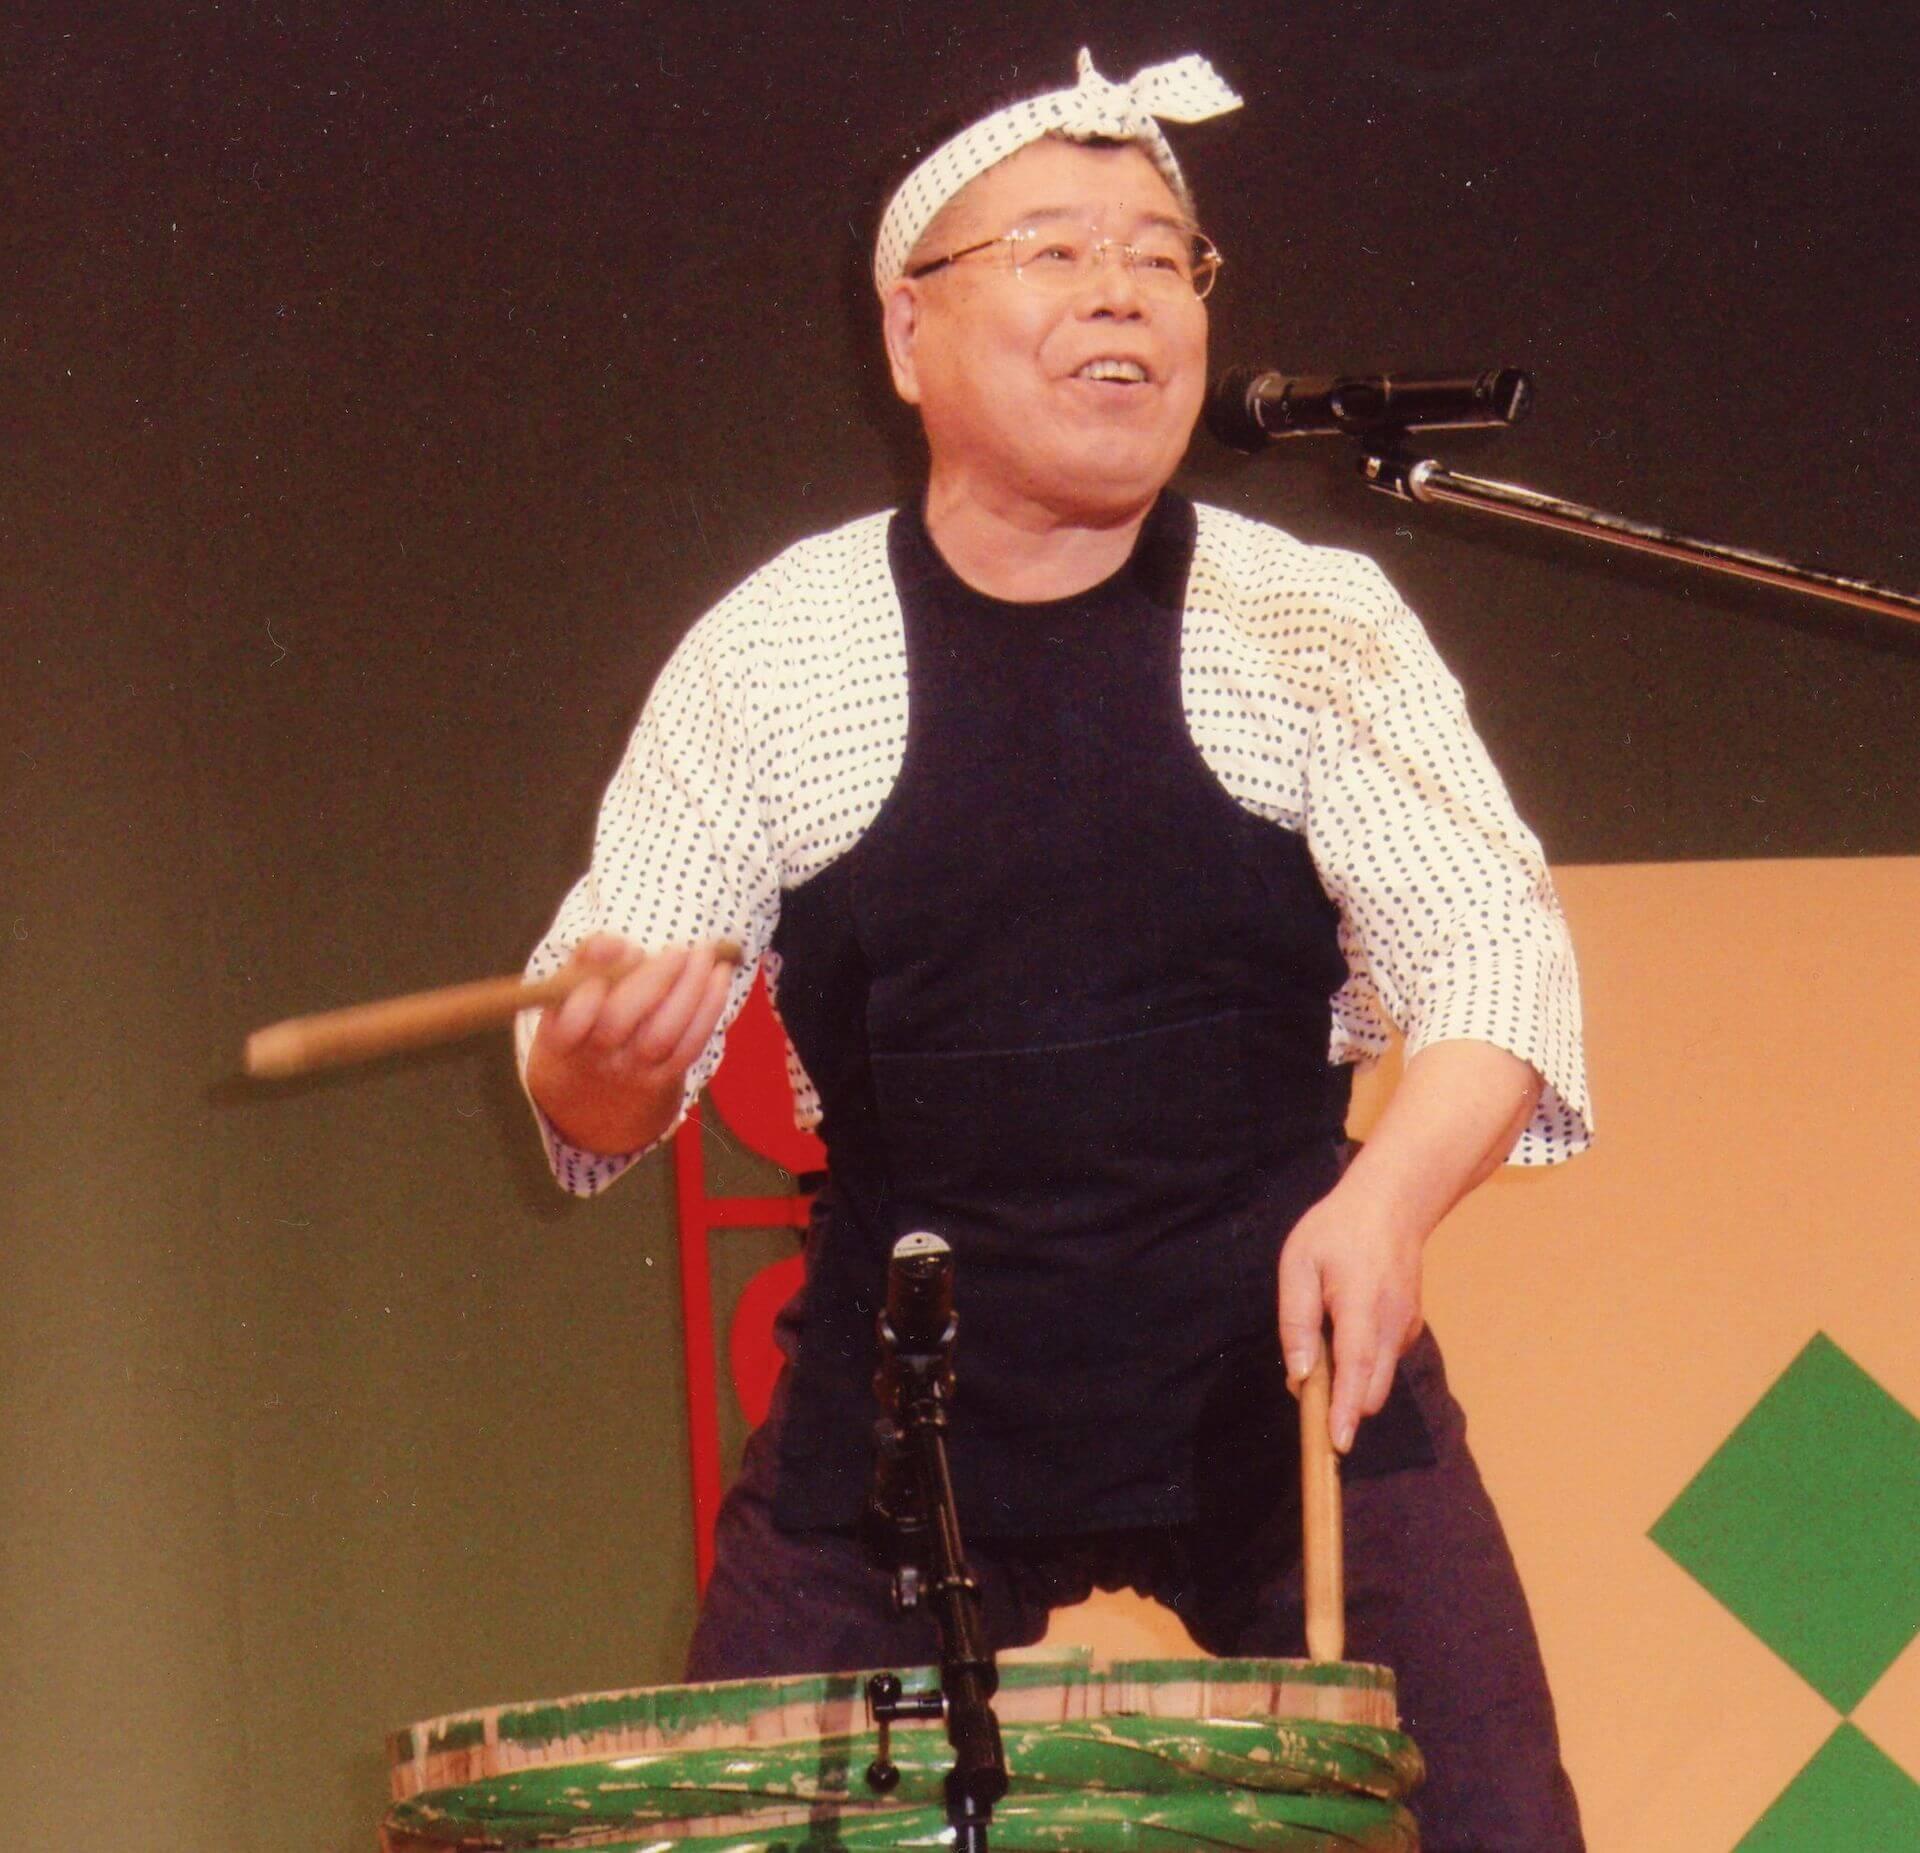 Soi48がスタジオ石協力のオンライン・パーティを開催!民謡歌手・小沢千月、Young-G、MMM、Monaural mini plugが出演 music210114_soi48-03